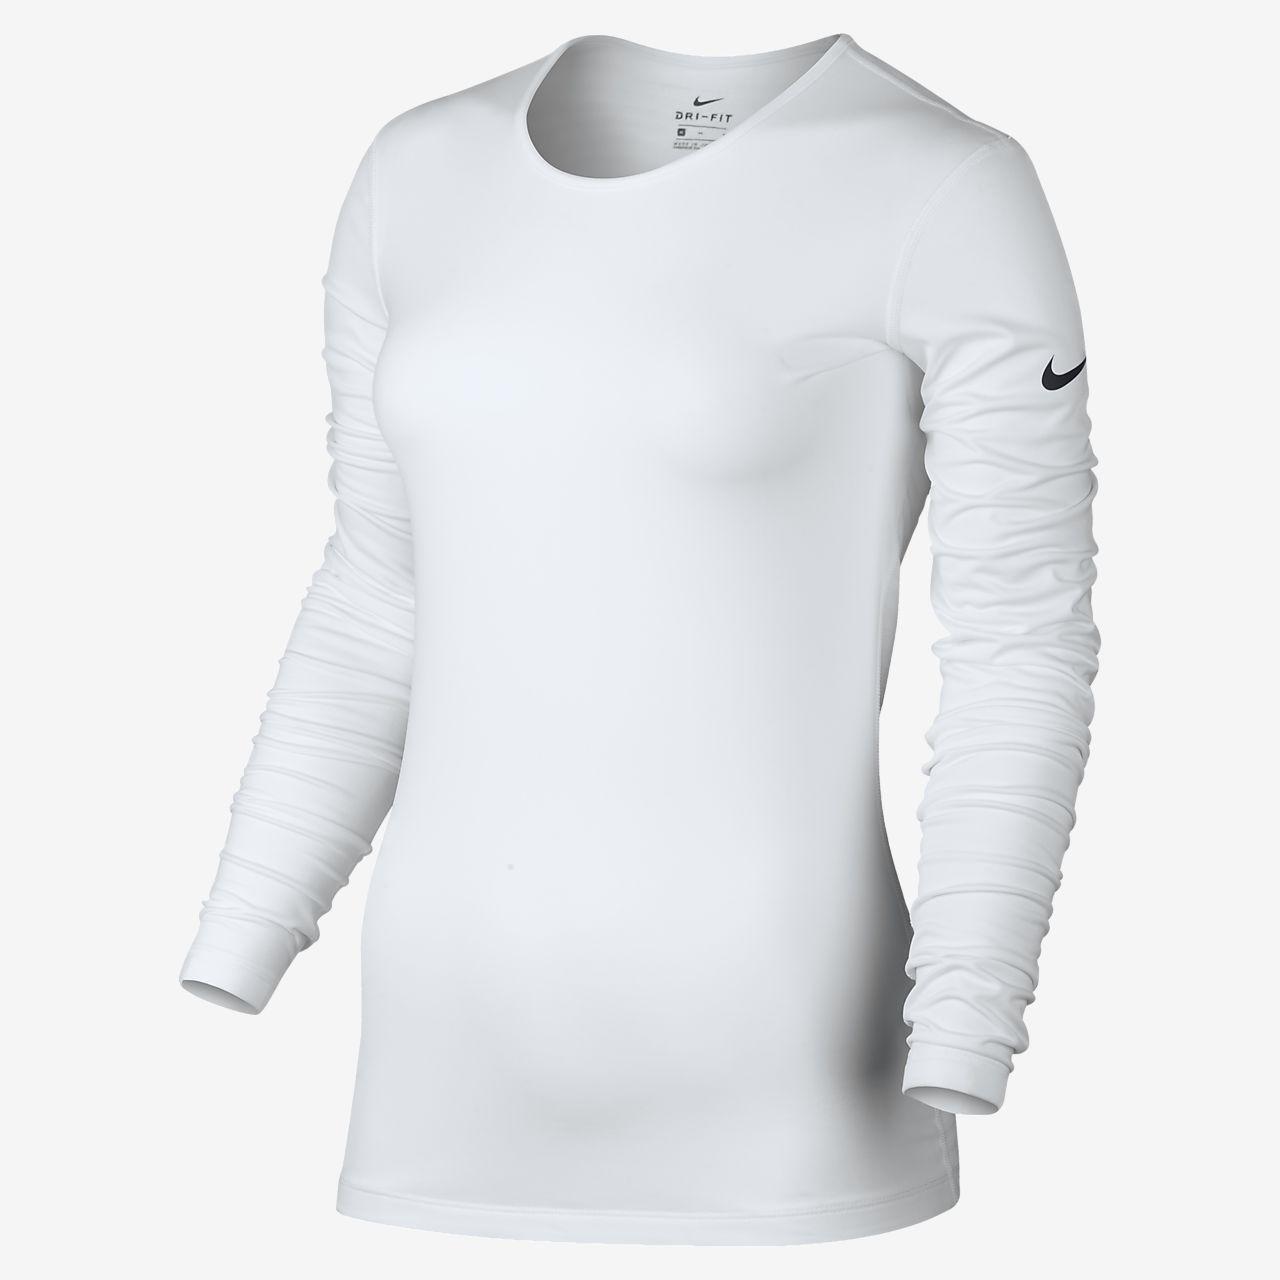 579e87cb Nike Pro Warm Women's Long Sleeve Training Top | Gifts | Nike women ...